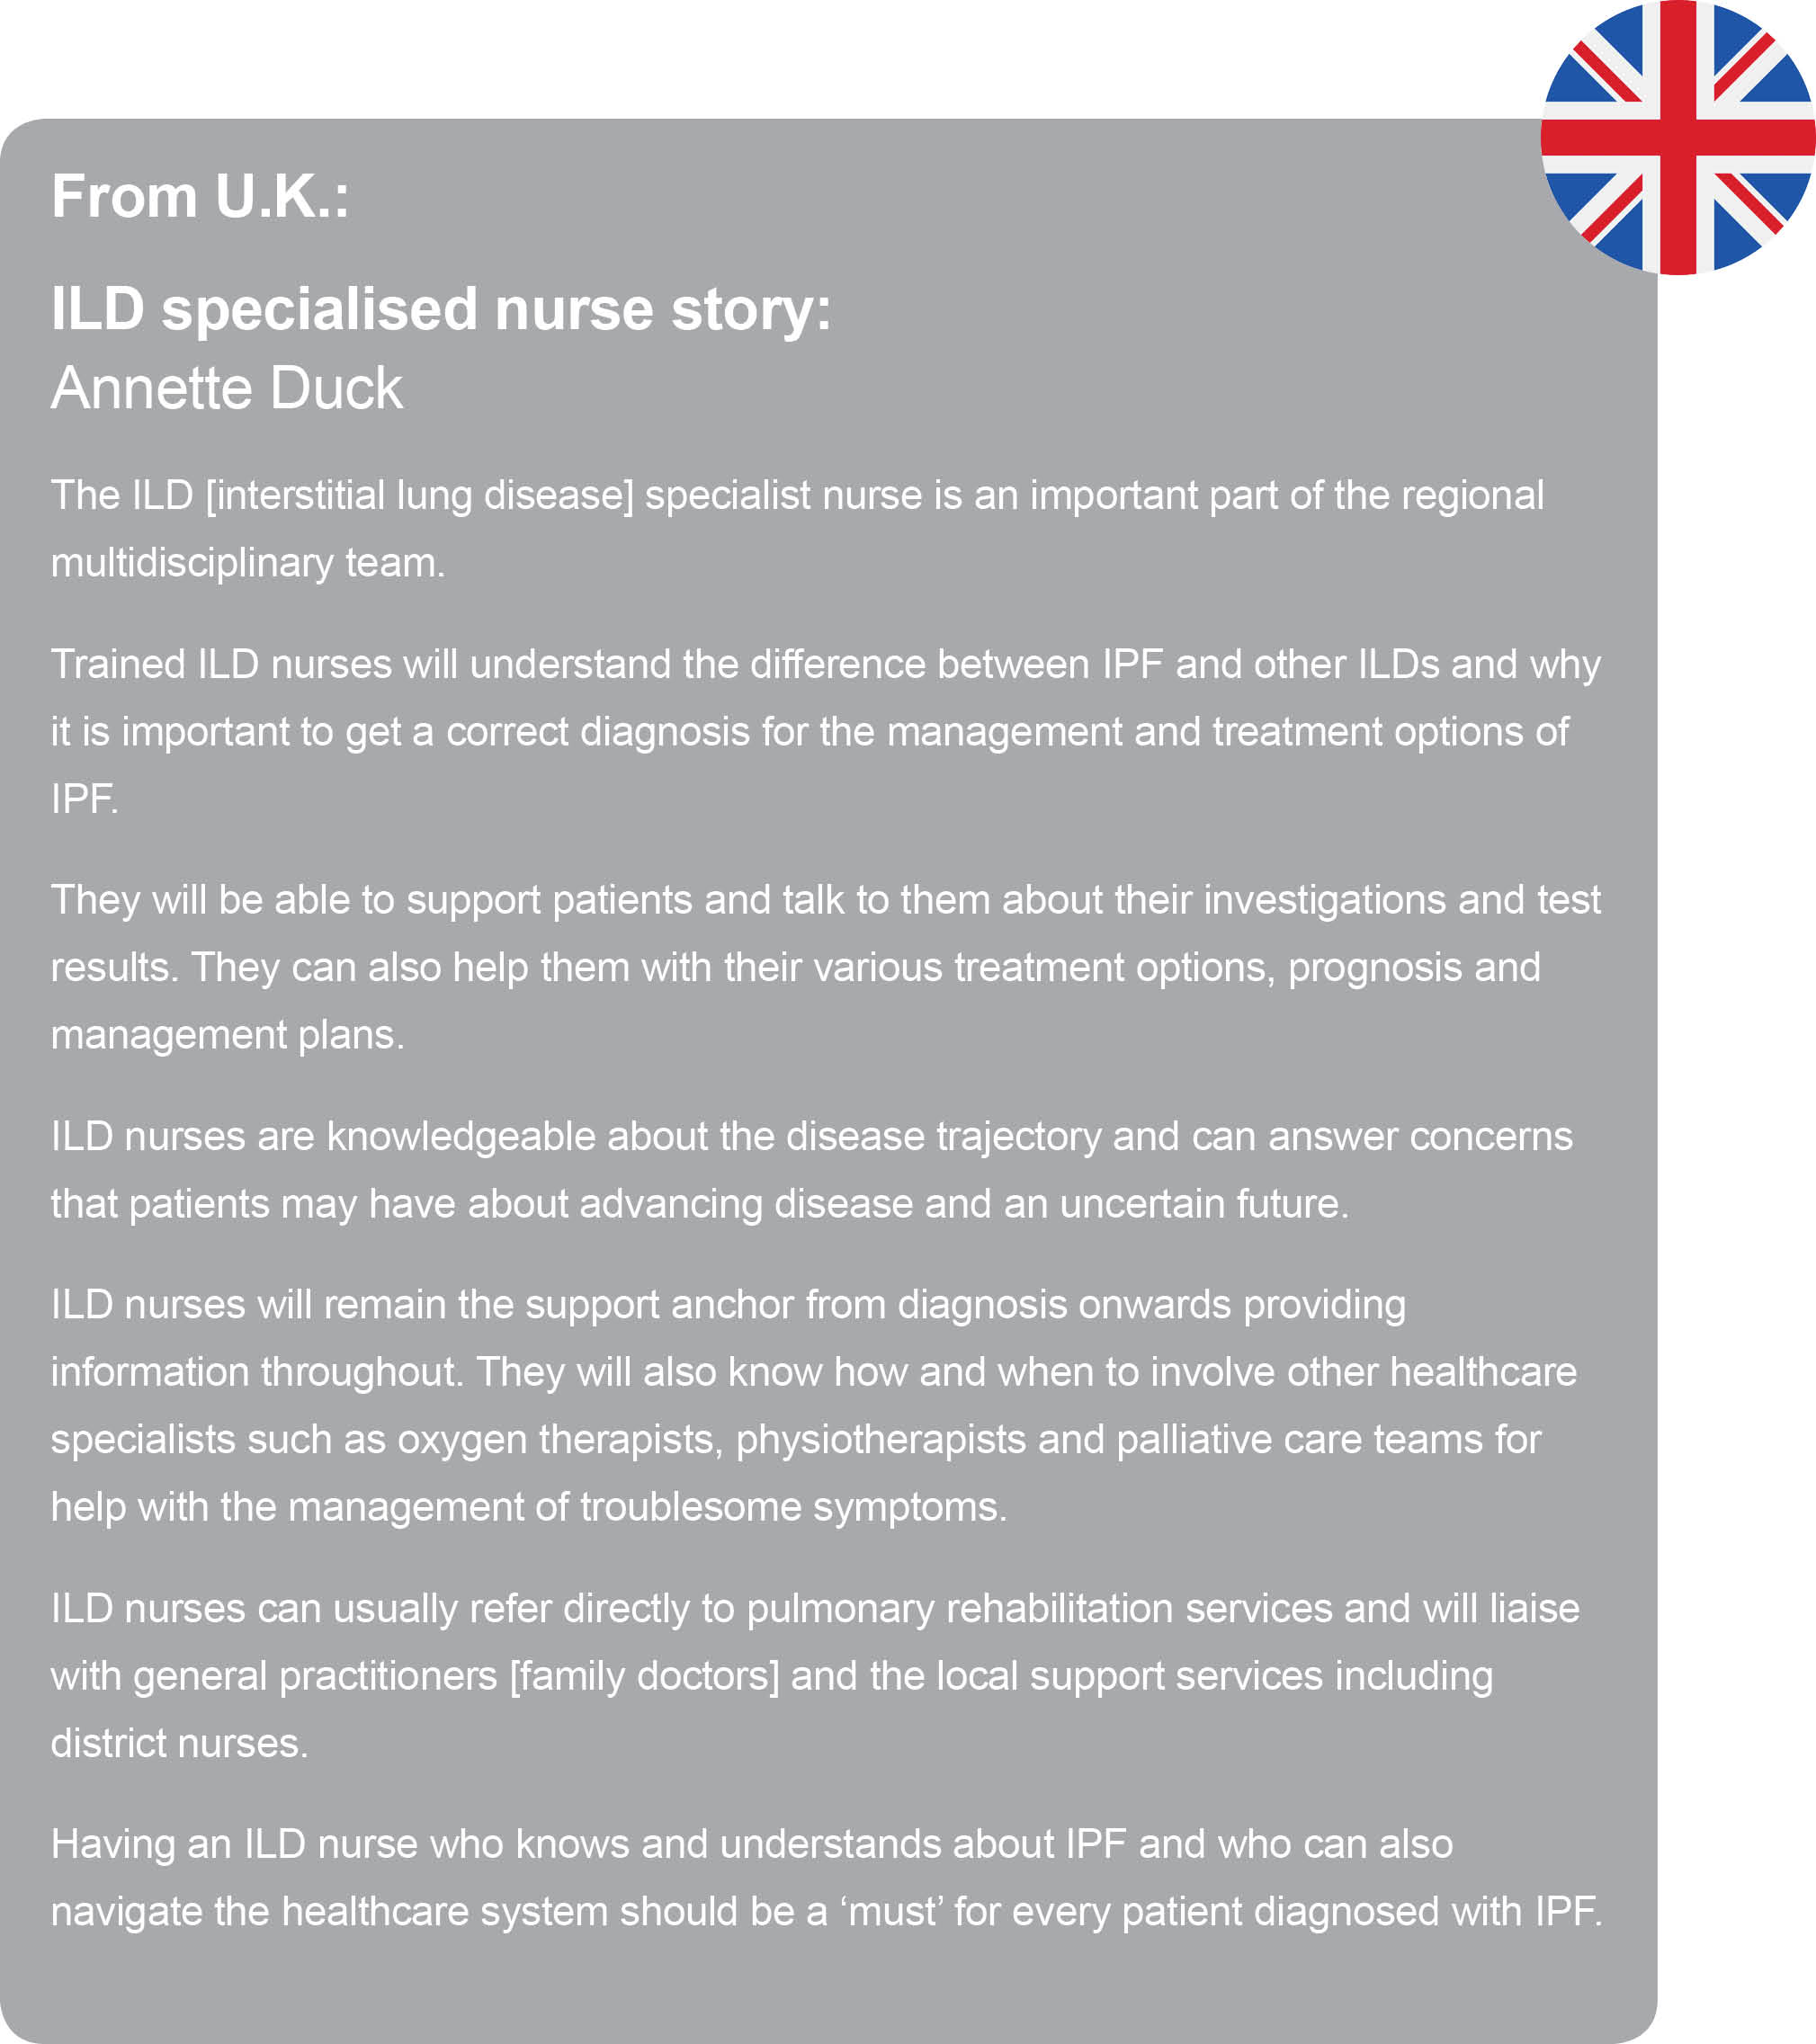 ILD specialised nurse story.jpg